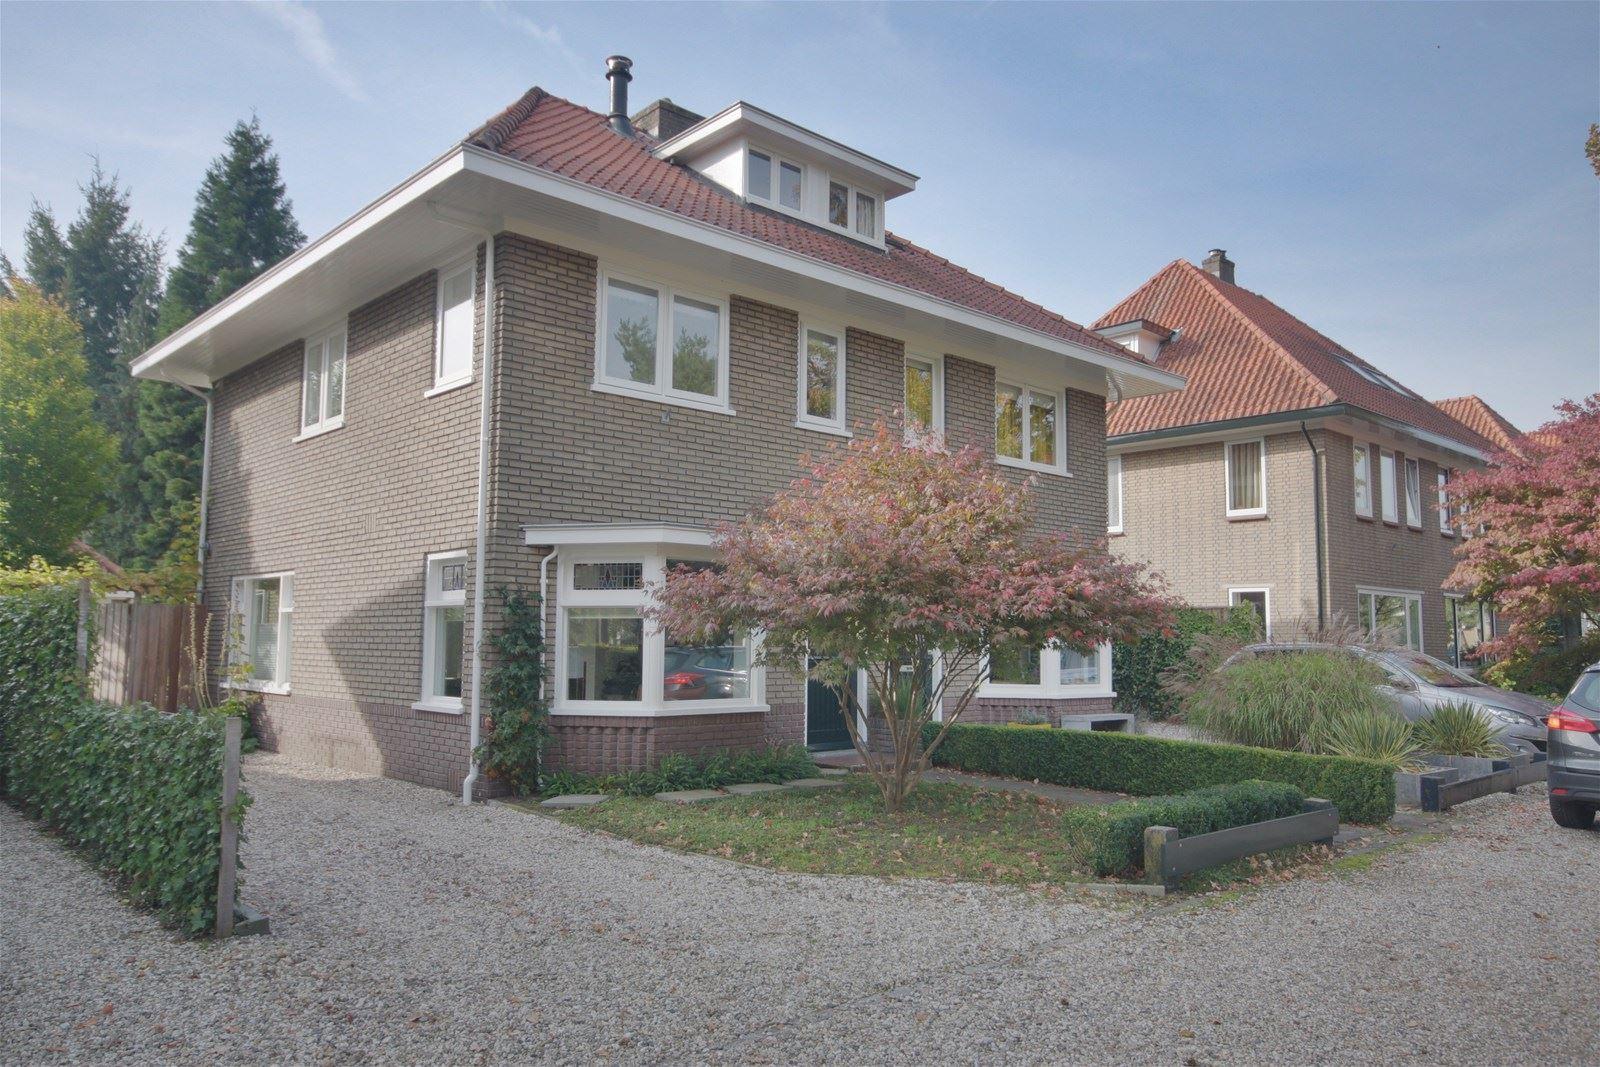 Schuttersweg 63